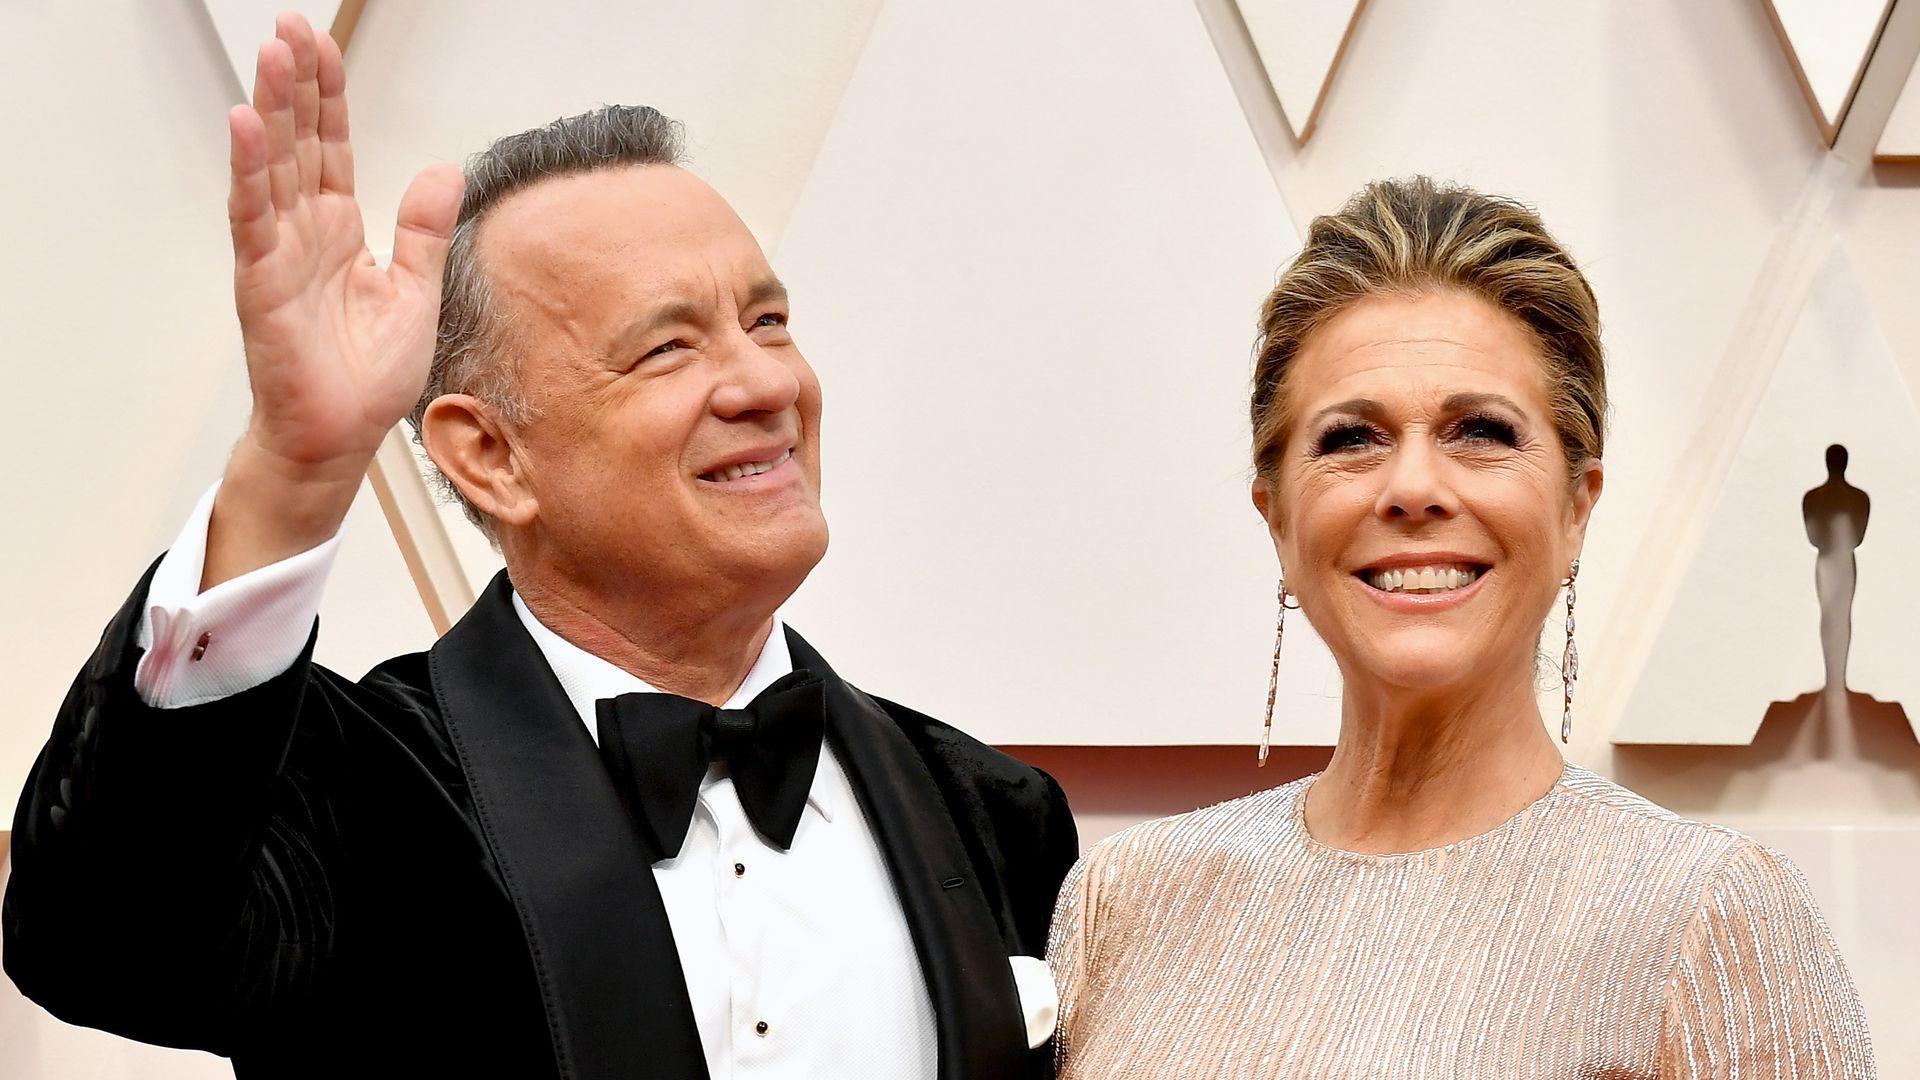 Tom Hanks a nečakaný čin, pre ktorý sa rozhodol! Neuveriteľné rozhodnutie v jeho živote, ktoré si zaslúži naozaj chválu! Pomôže nám všetkým!